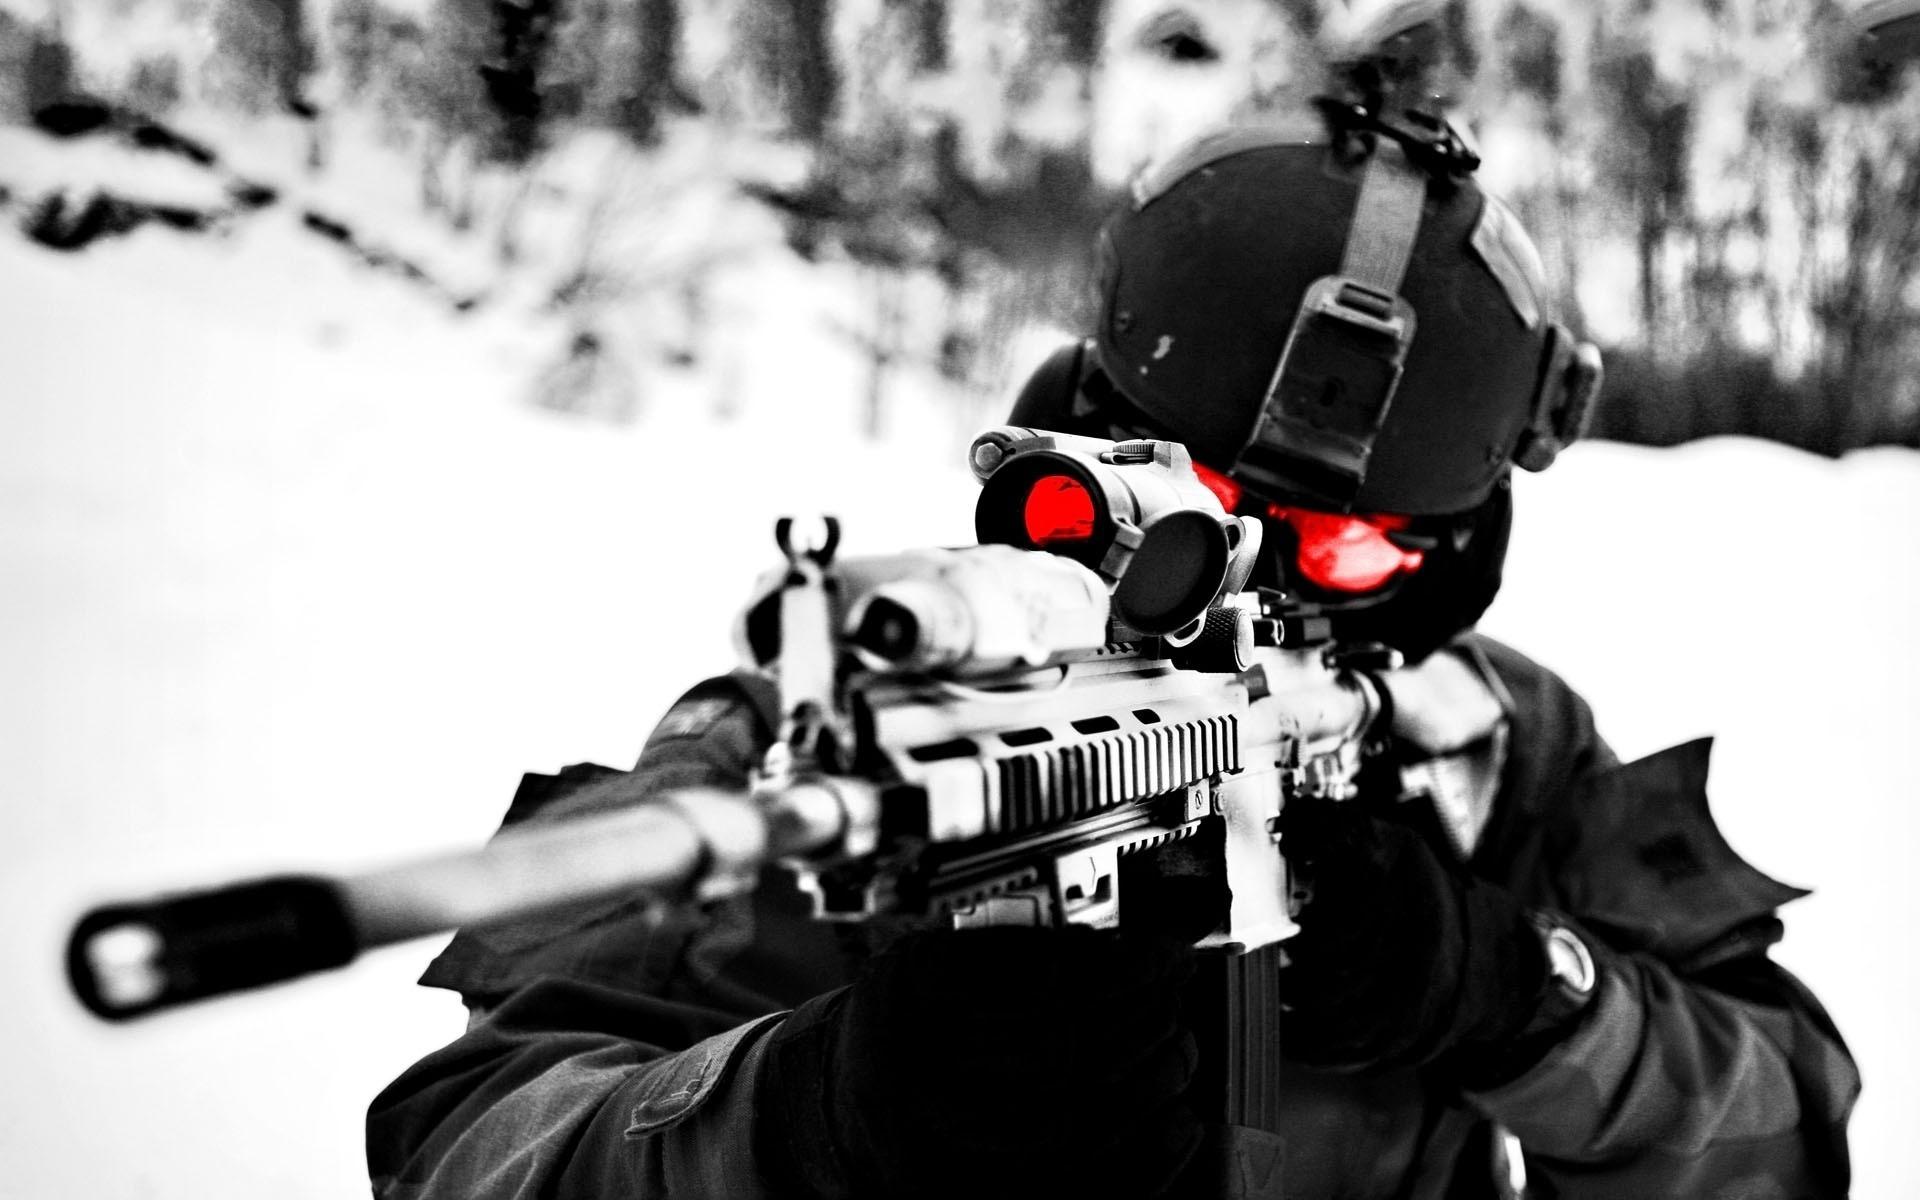 壁紙 兵 スナイパーライフル 狙撃手 陸軍 ダウンロード 写真